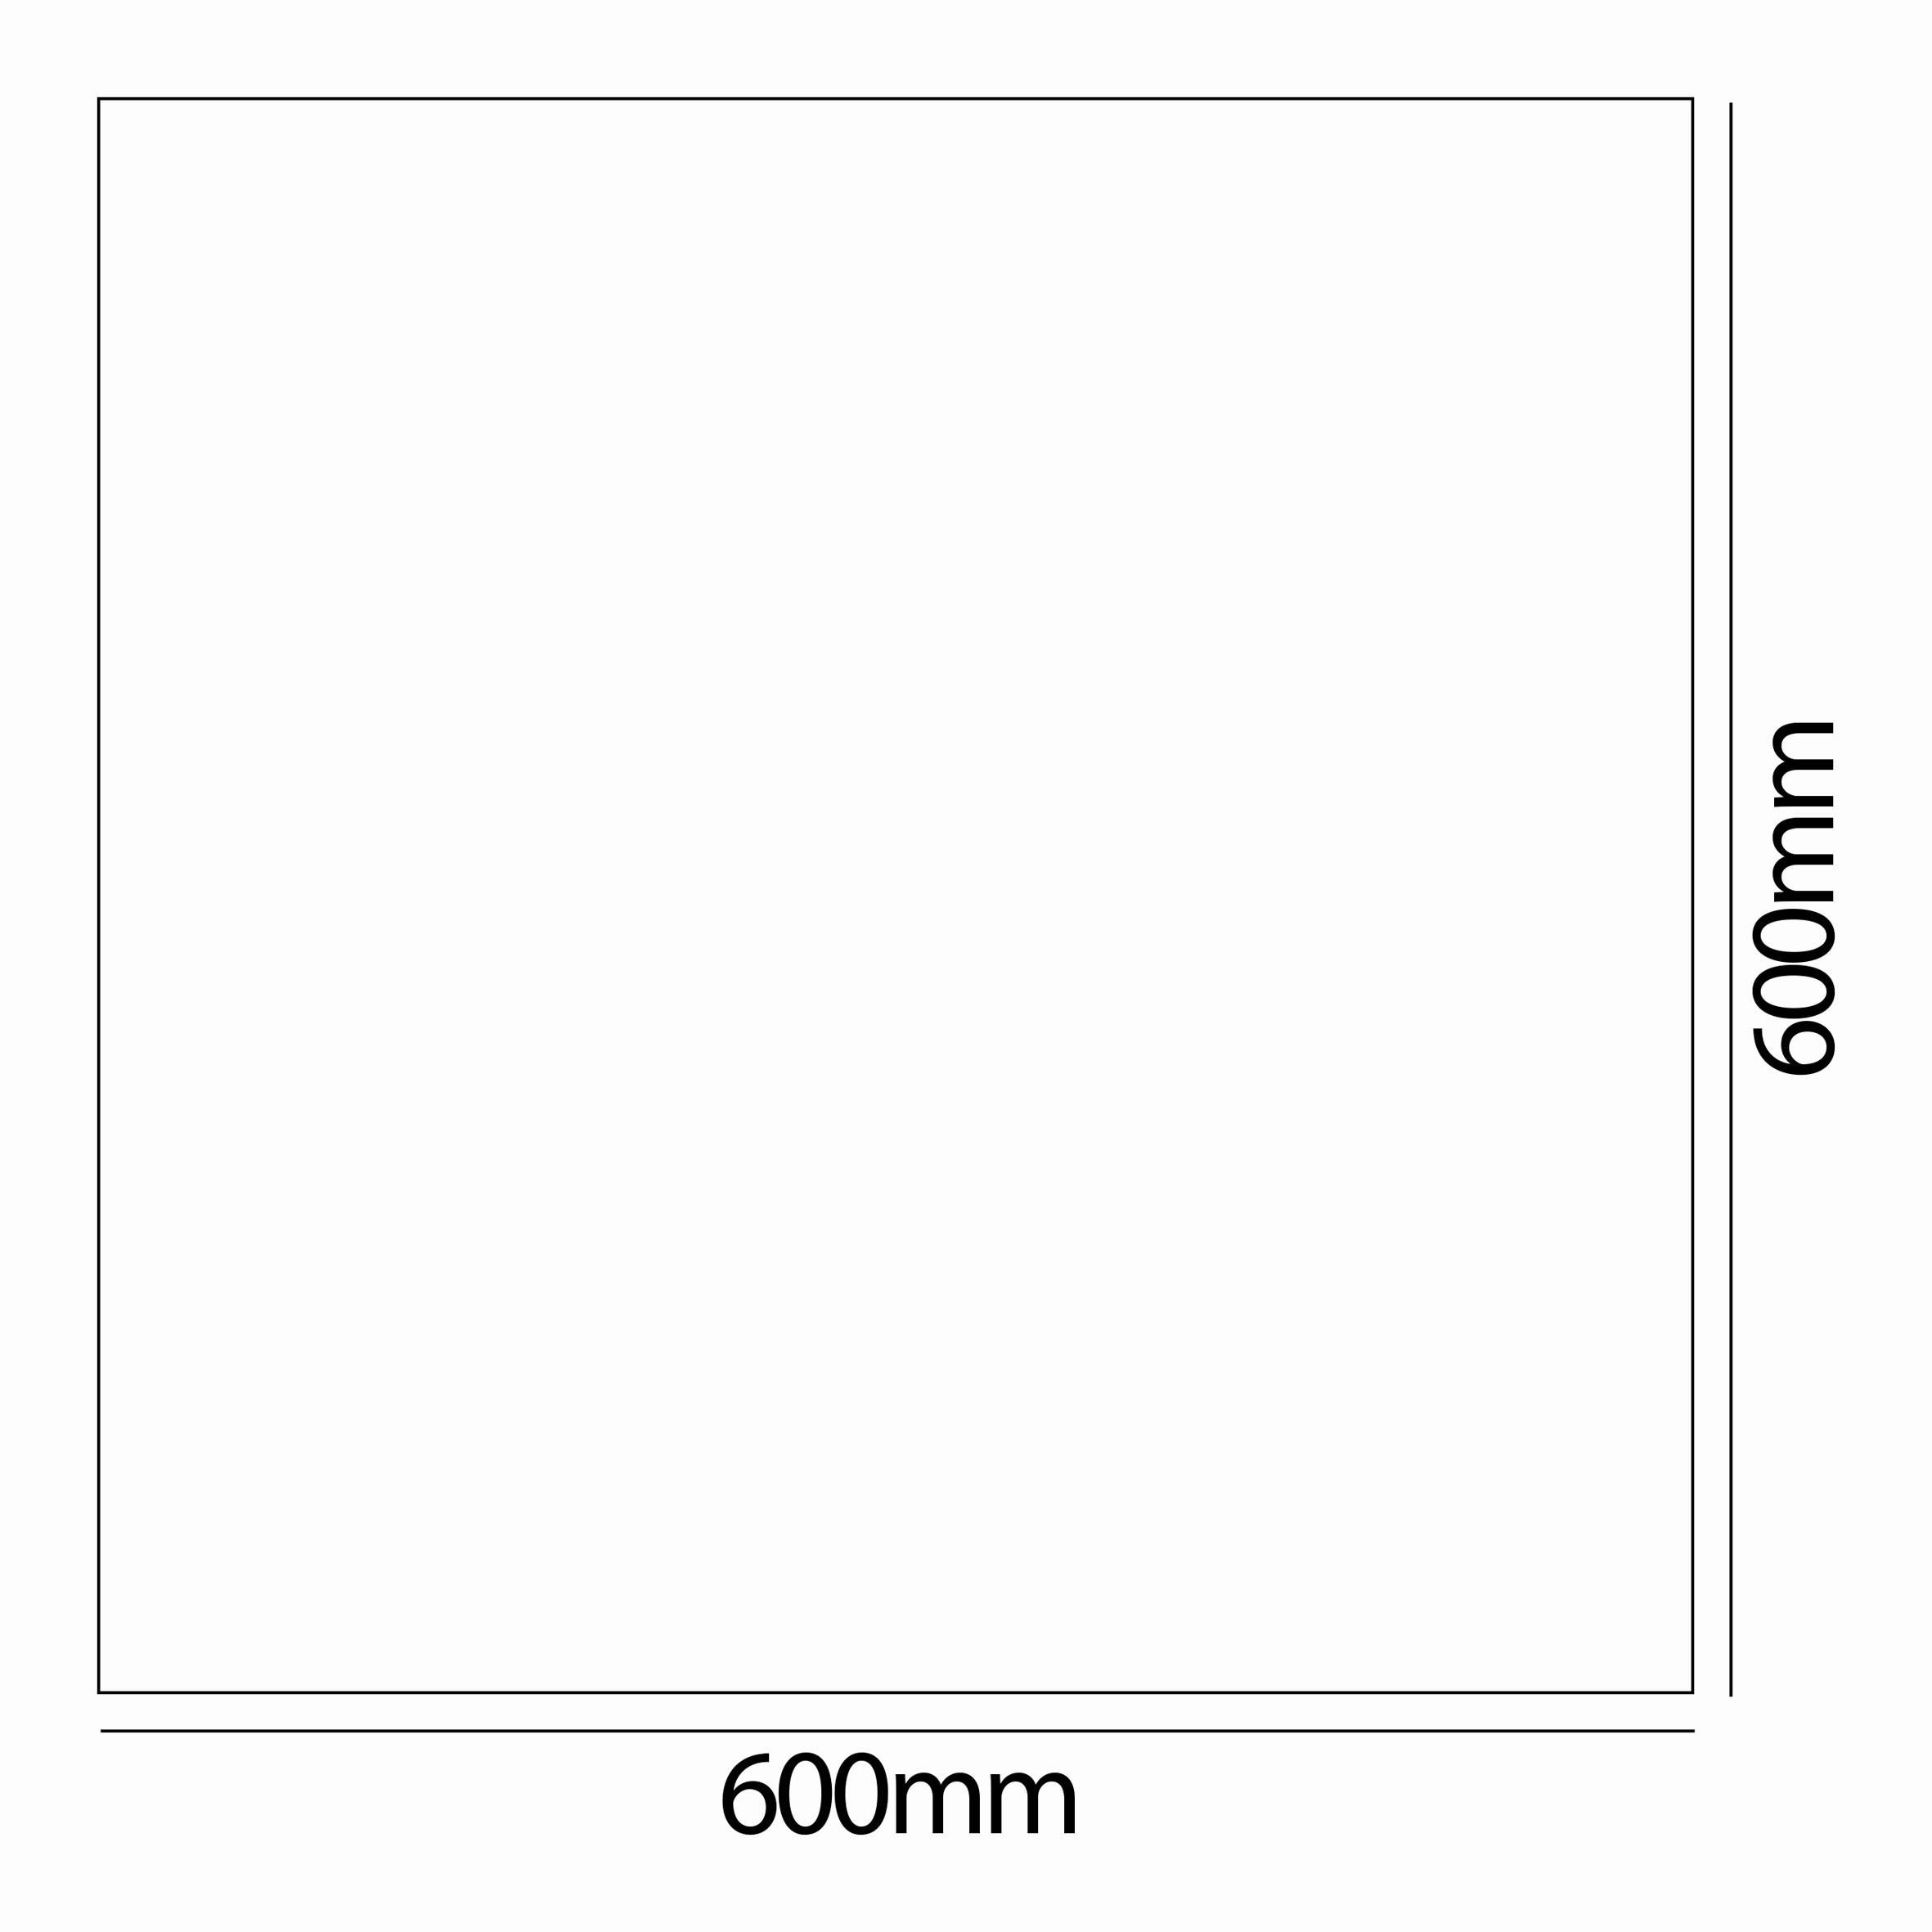 60x60 Alüminyum Sıva Üstü Çerçeve T. Ç..